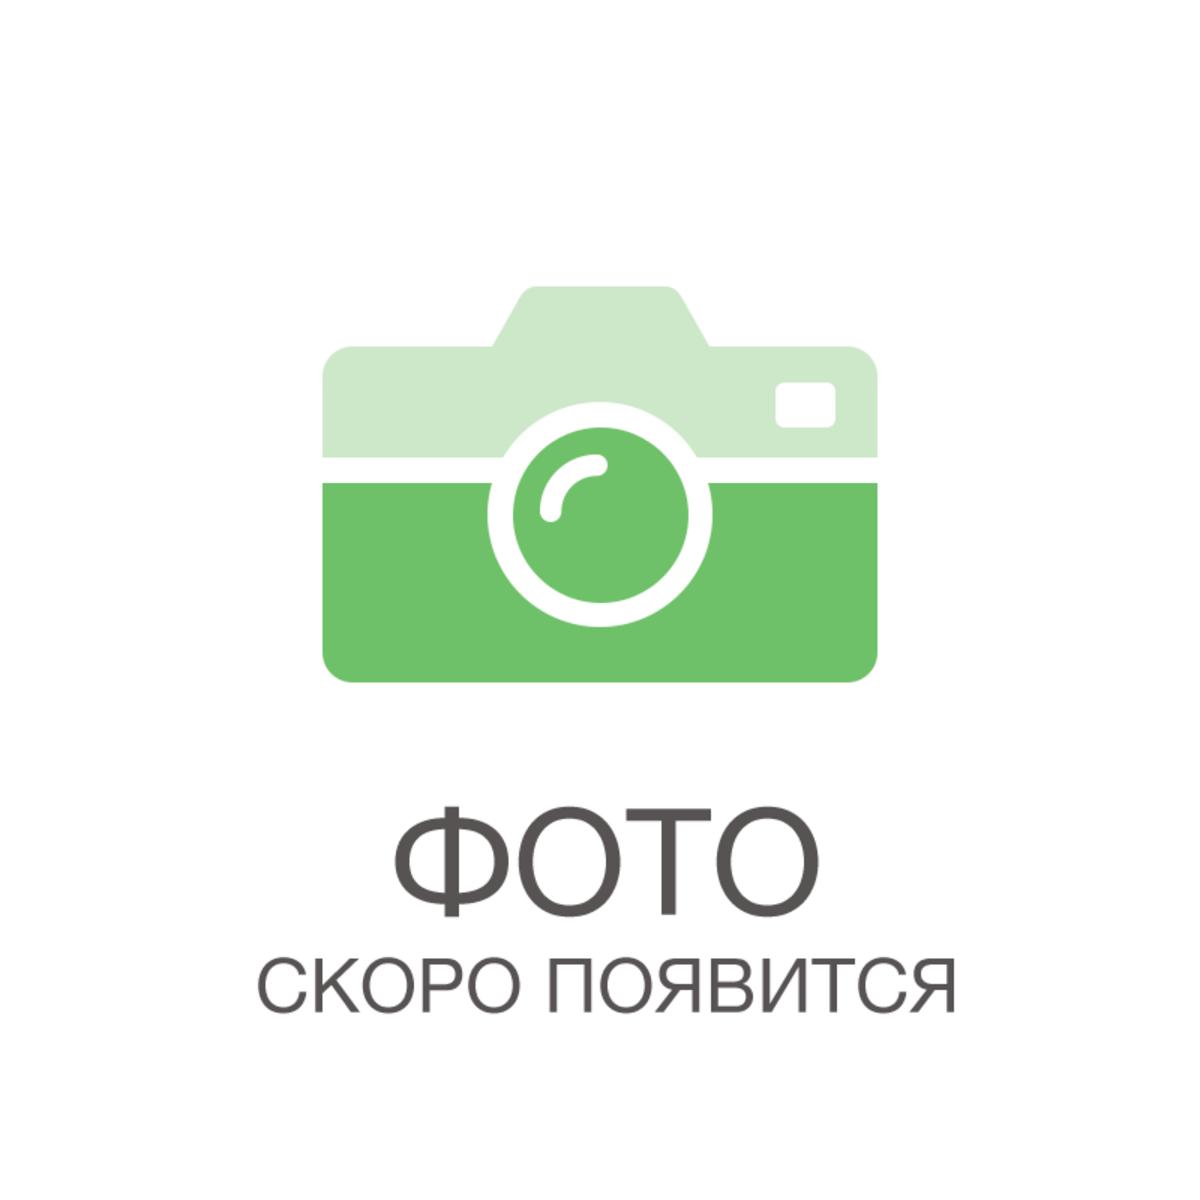 Ламинат Artens Дуб Хасиенда 32 класс толщина 8 мм с фаской 2.131 м²